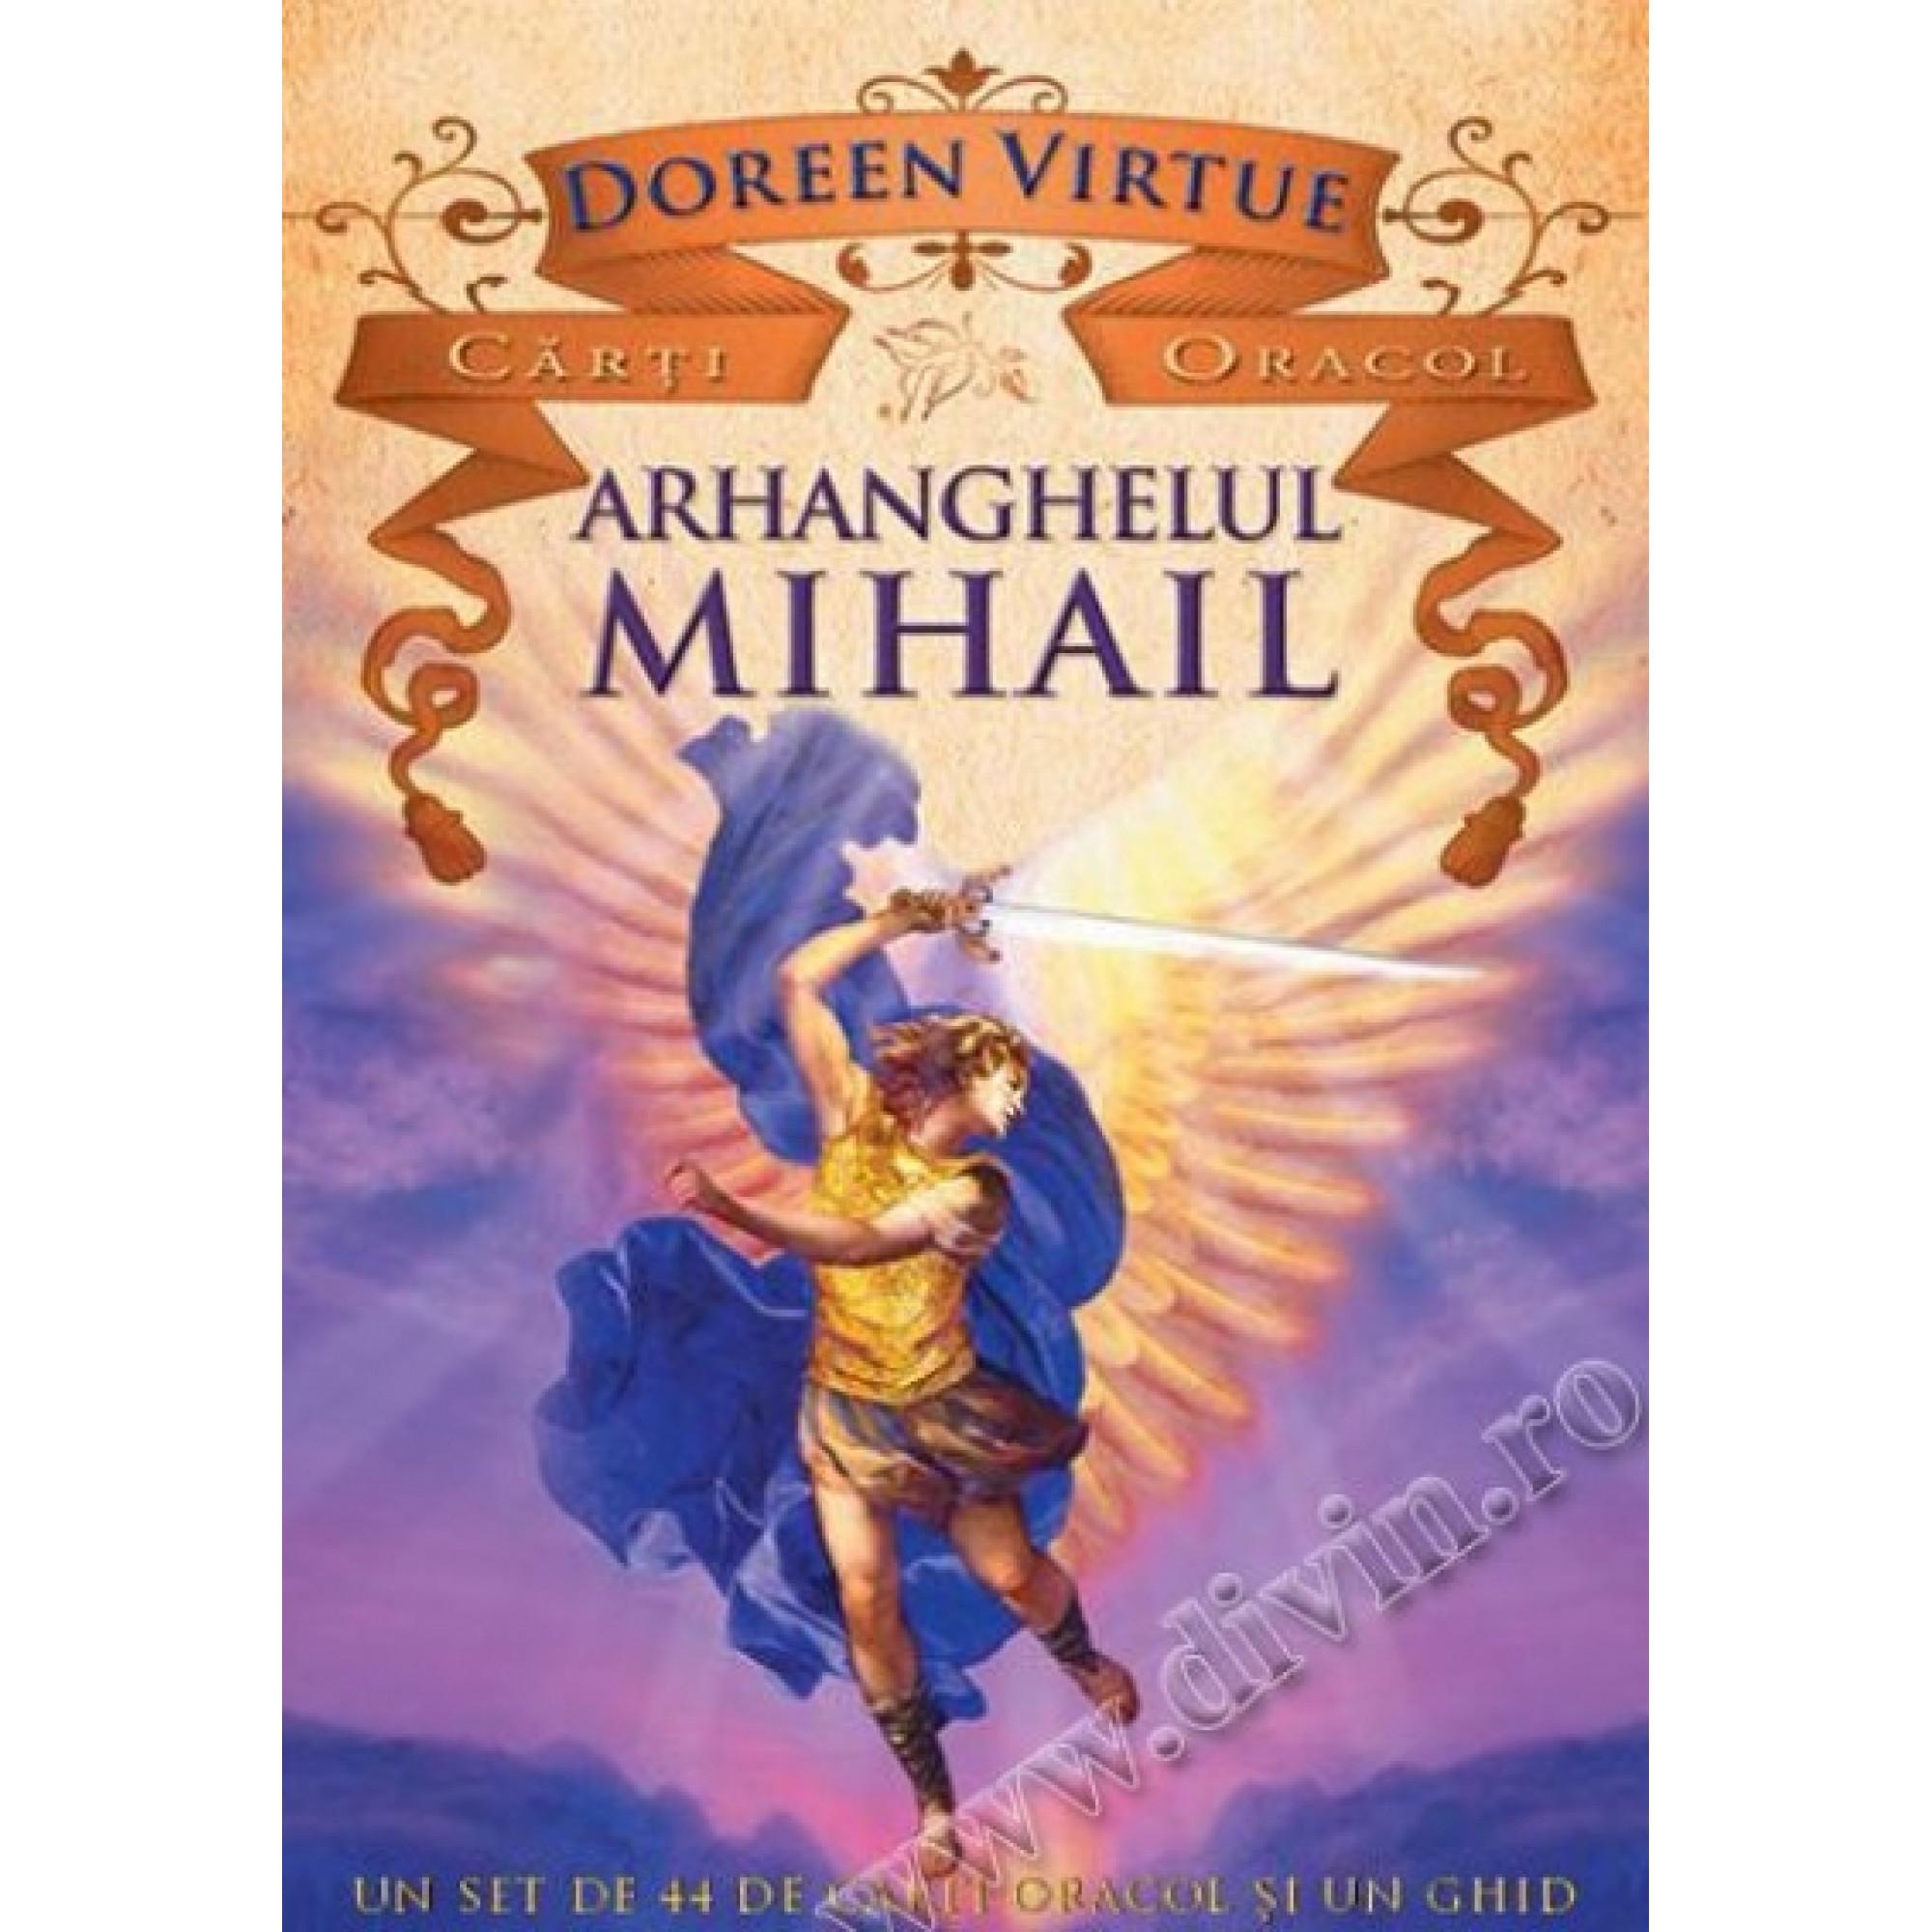 Arhanghelul Mihail. Un set de 44 de cărţi oracol şi un ghid; Doreen Virtue